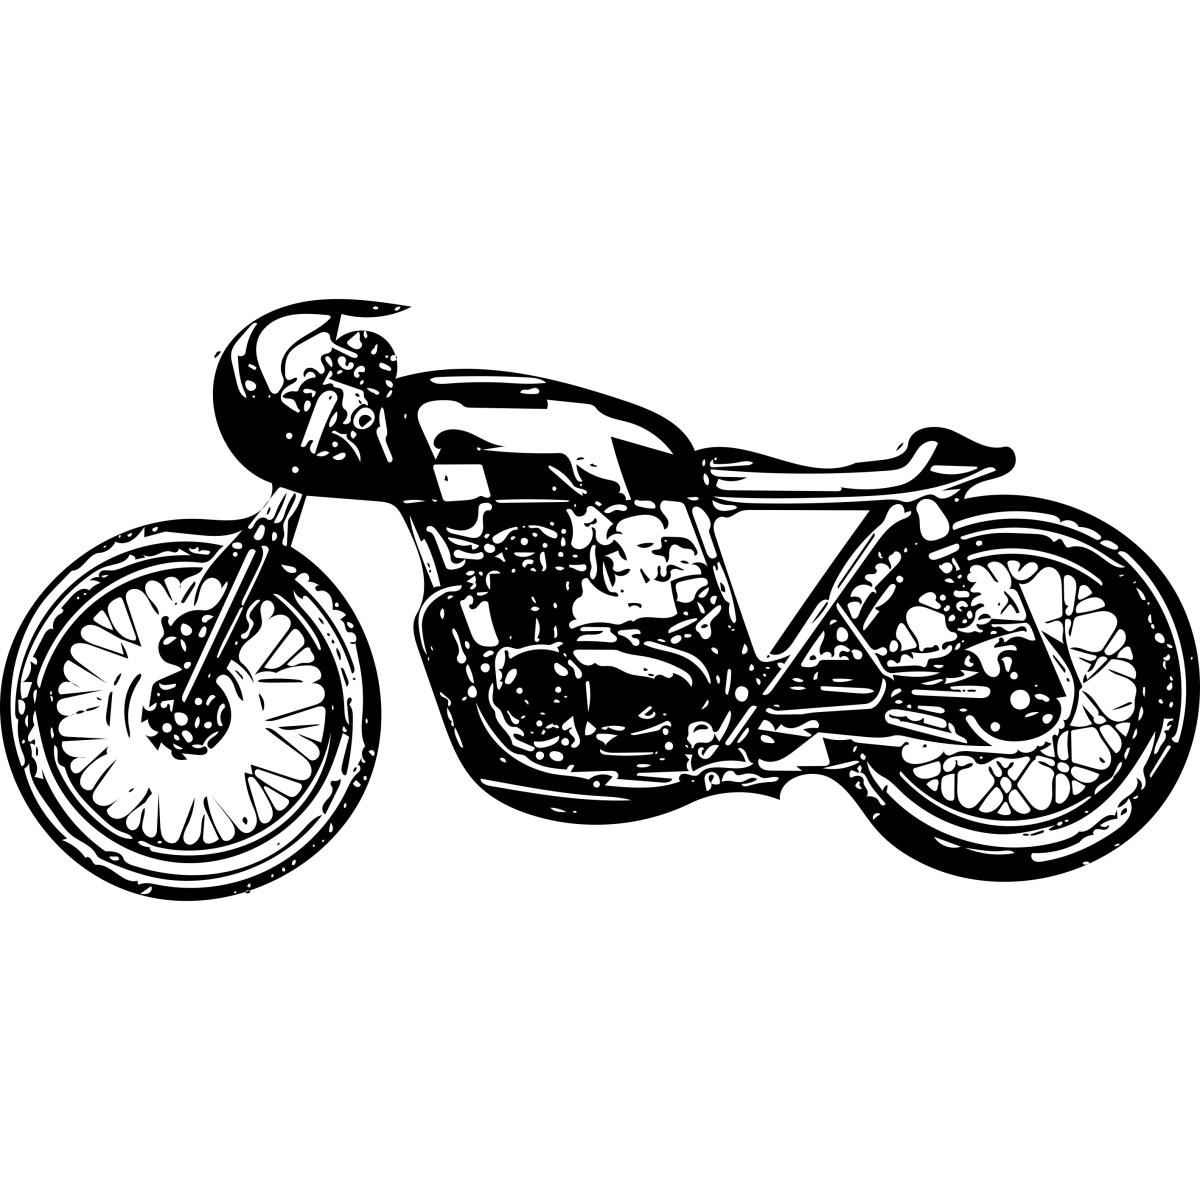 カフェレーサーカスタムに最適なバイク(主に旧車)